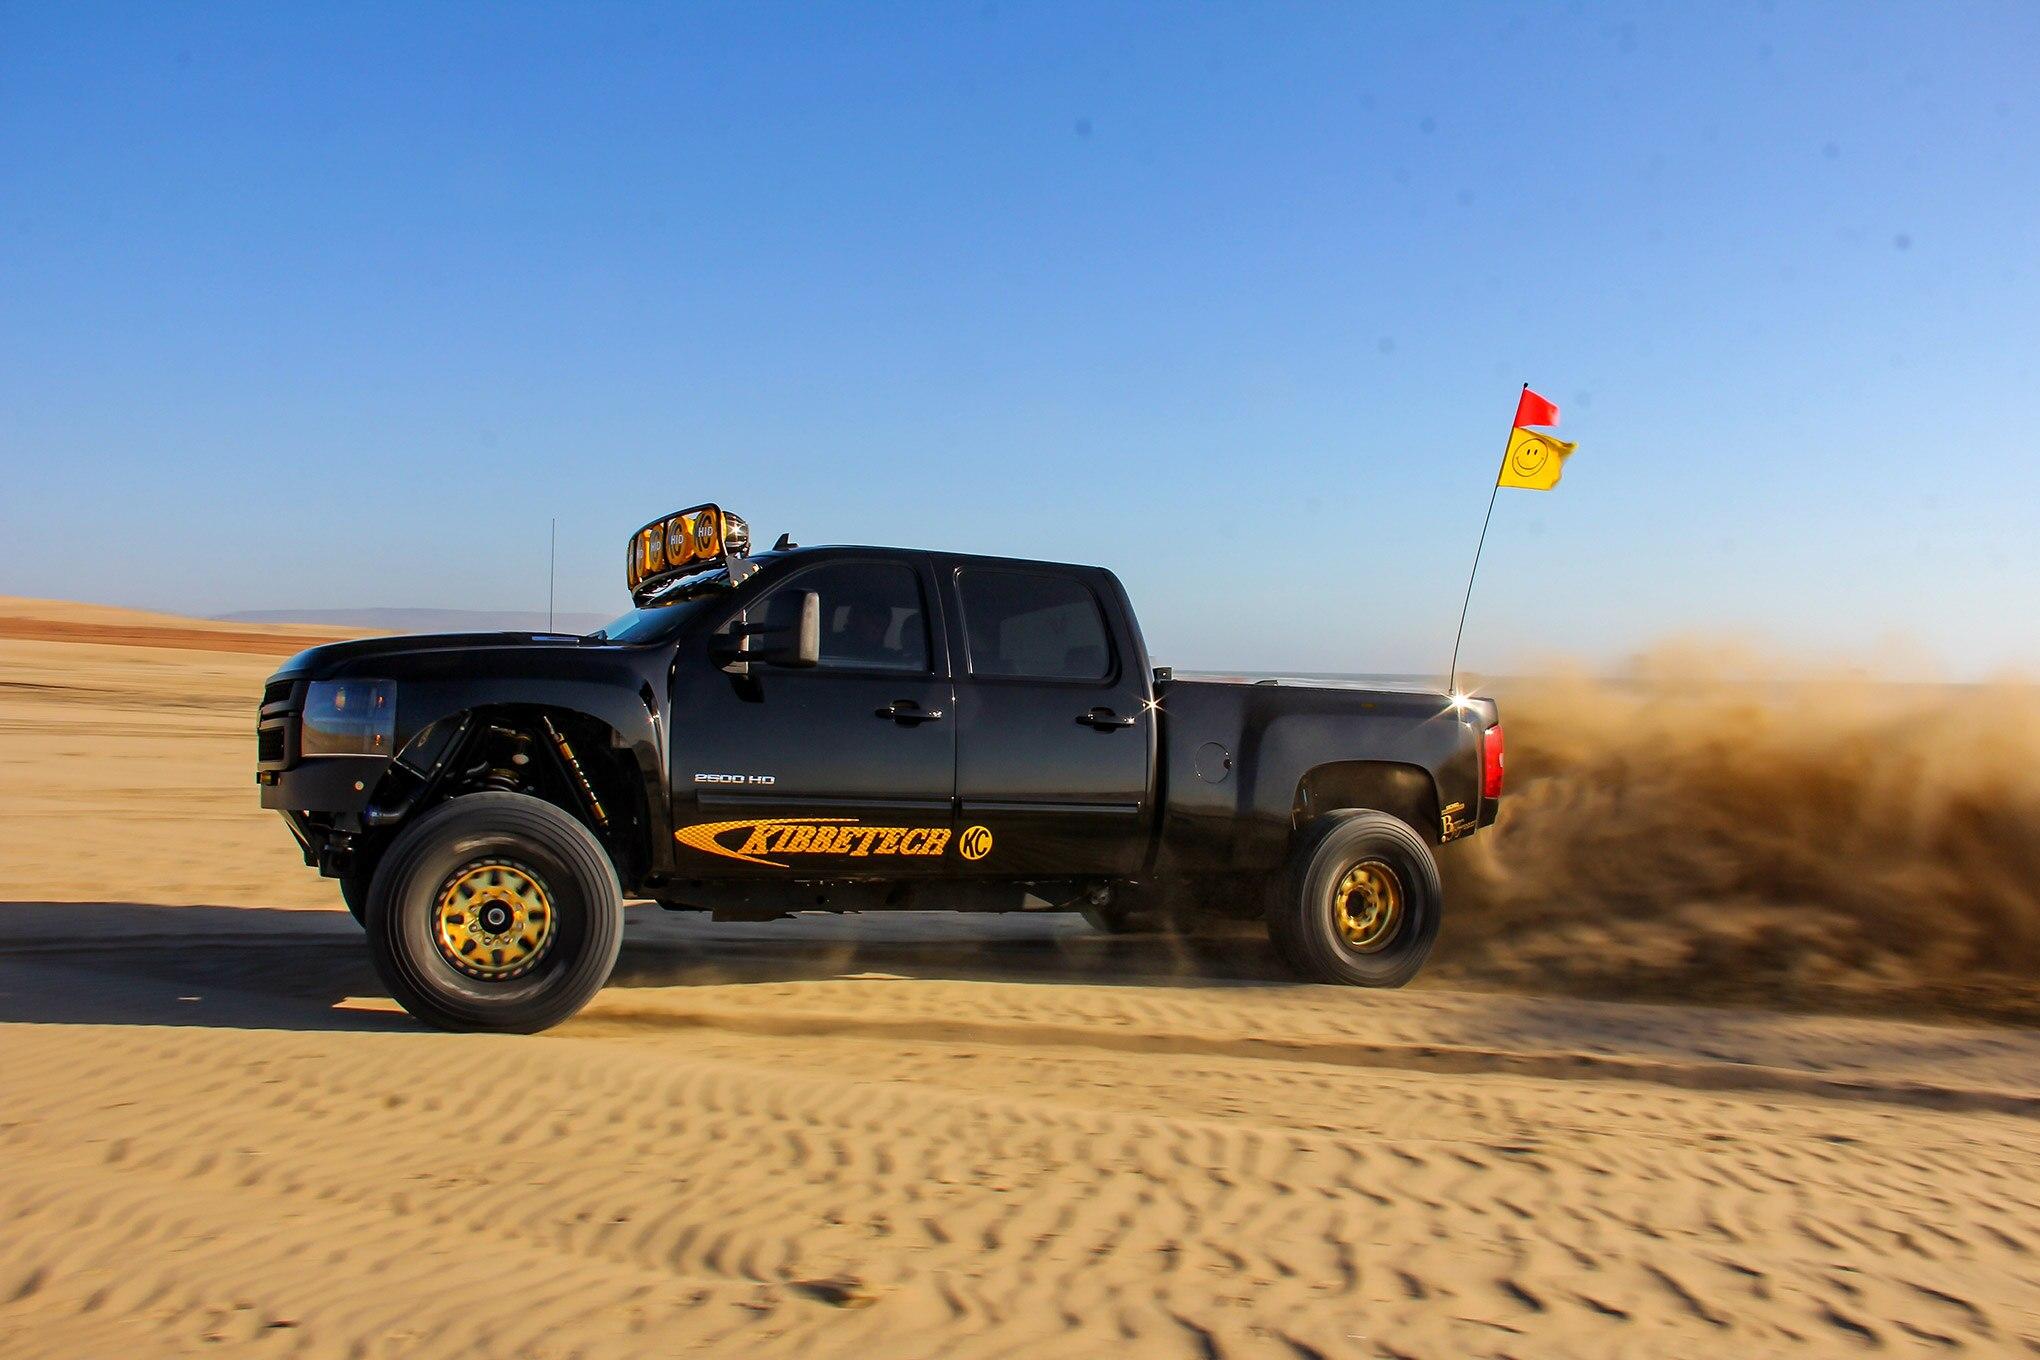 2011 Silverado 2500HD - Diesel Powered Prerunner